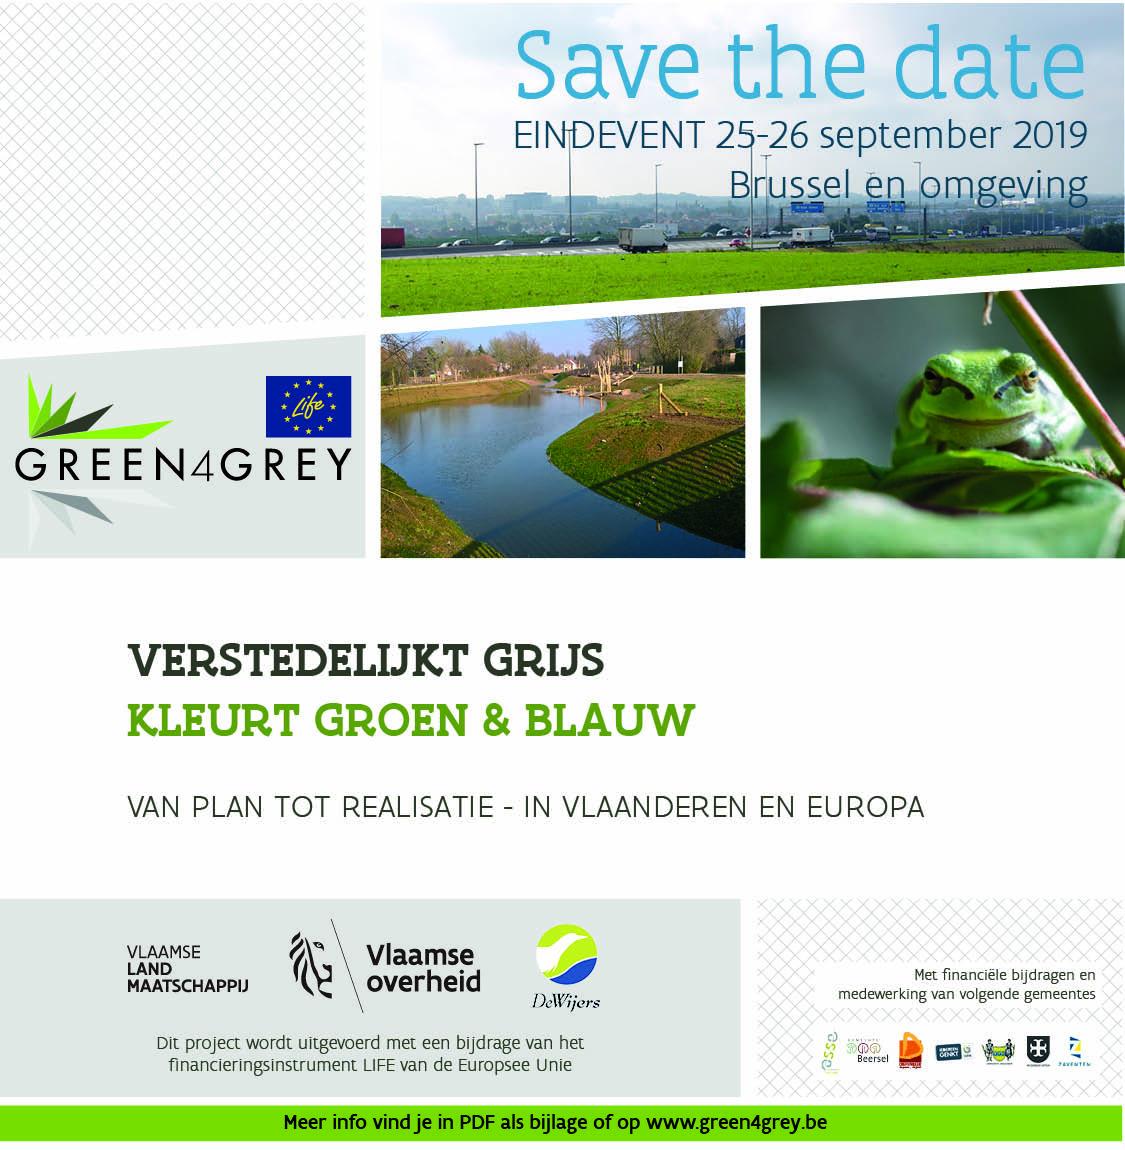 Foto toont meer info over het eindevent Green4Grey Verstedelijkt grijs kleurt groen en blauw